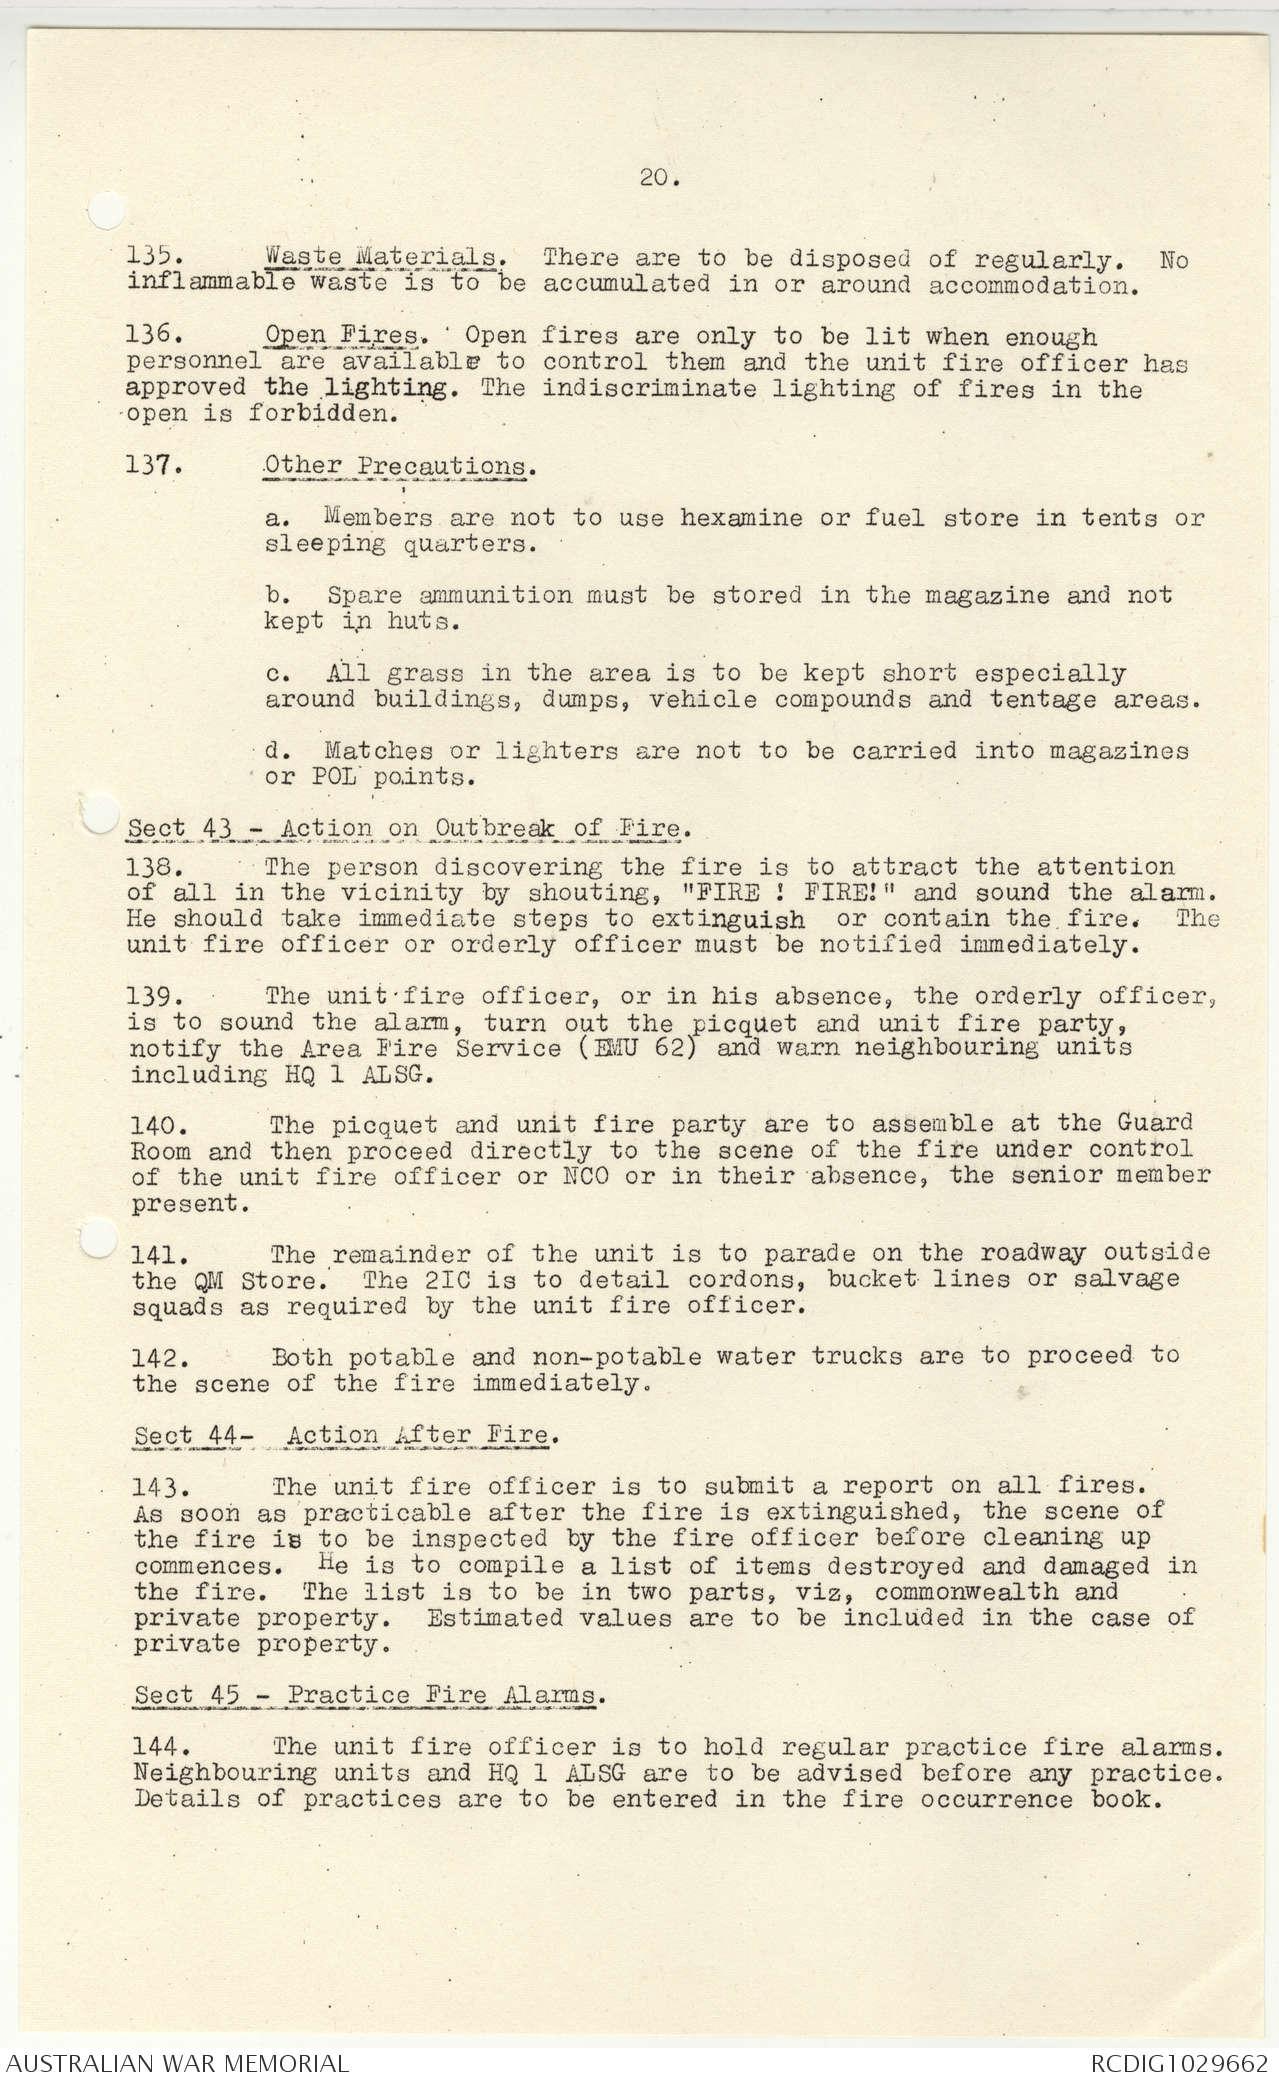 AWM95 4/4/36 - 1-31 August 1968, Annexes K-O | The Australian War